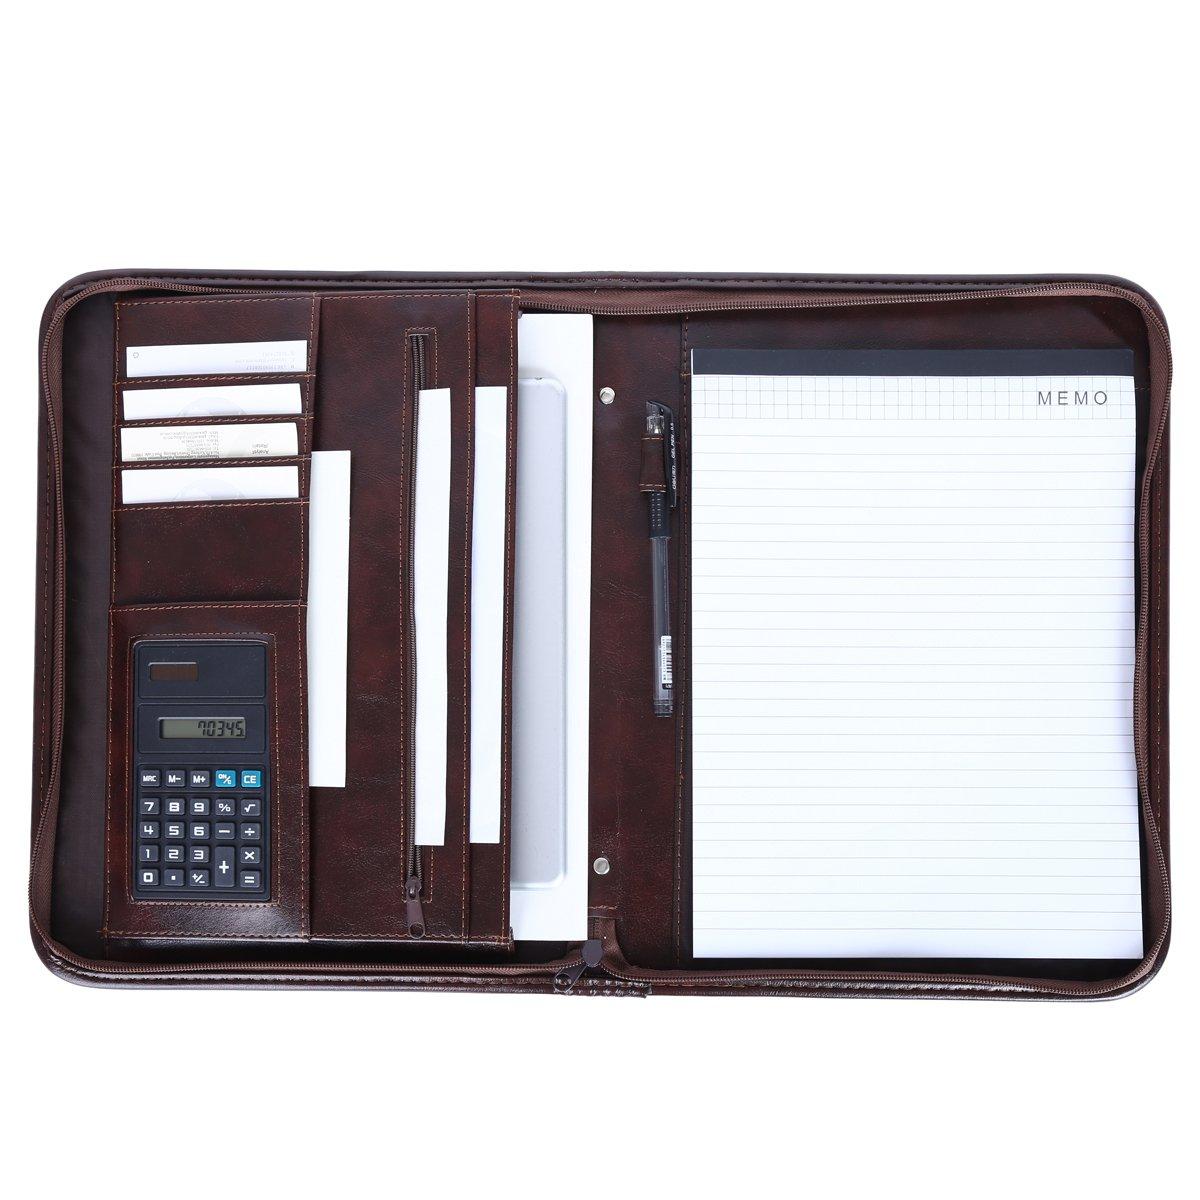 37a6a759bd9d Leathario-Portfolio A4 en cuir PU pour bureau, porte document en cuir,  agenda daffaires en cuir, ...